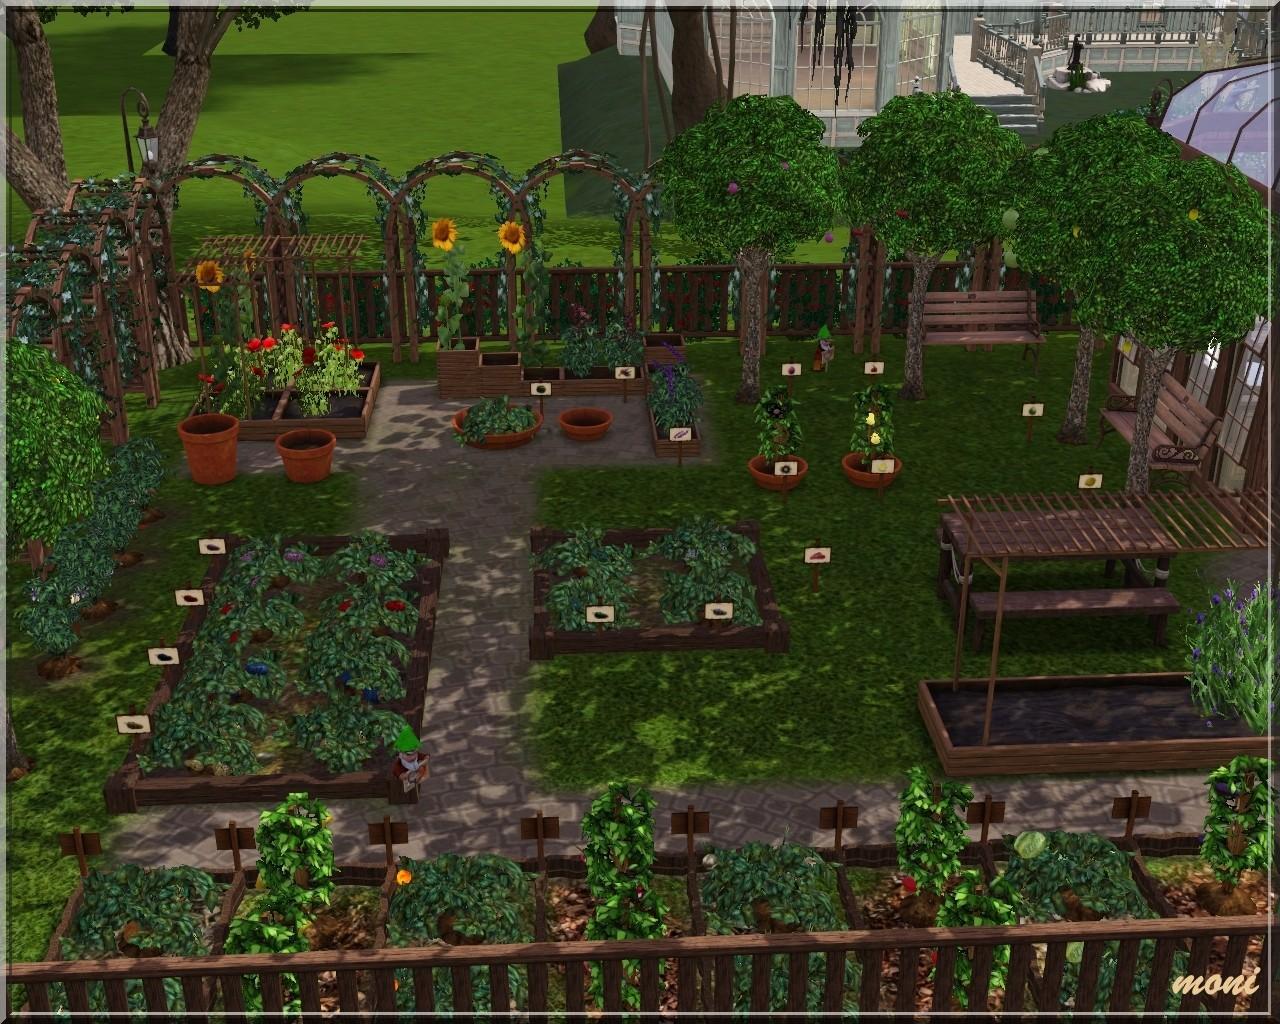 Arda Sims: Small Garden